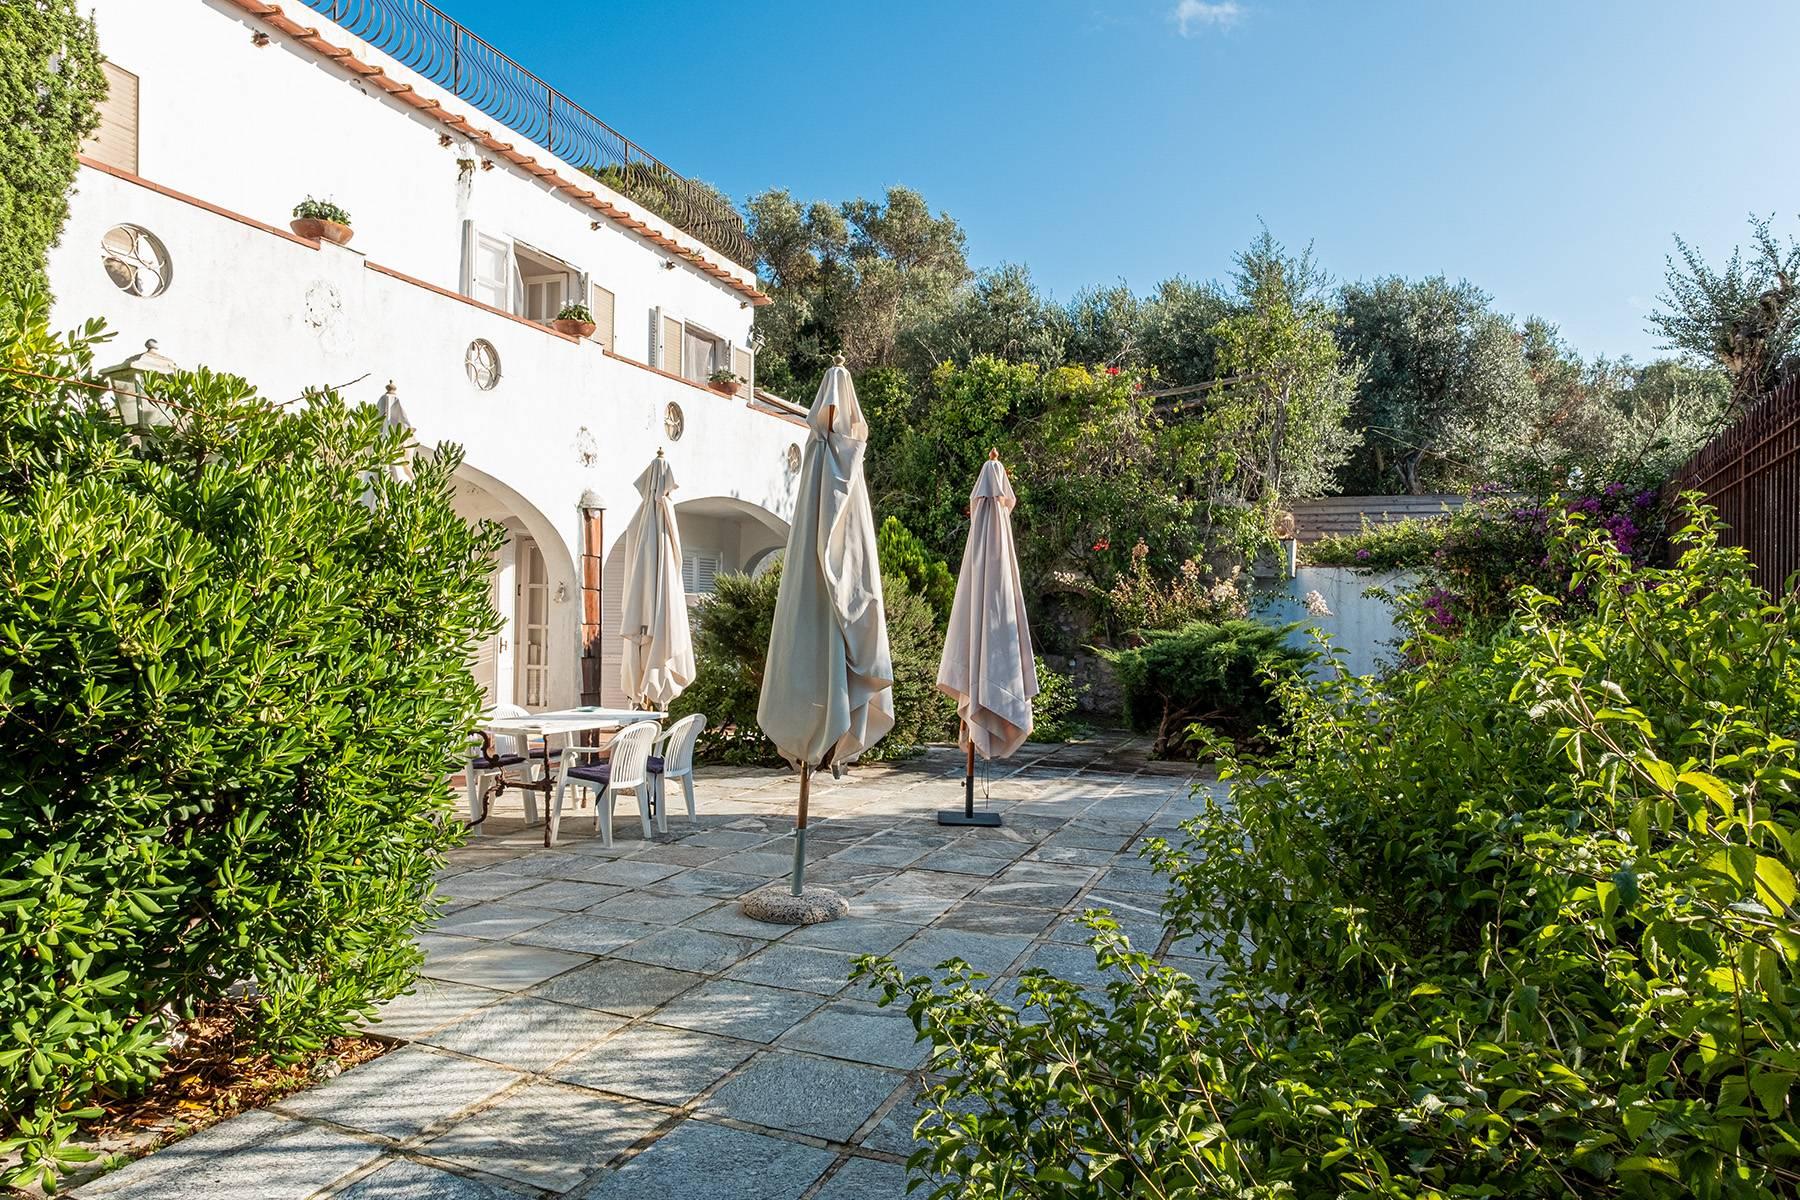 Villa in Vendita a Capri: 5 locali, 200 mq - Foto 5